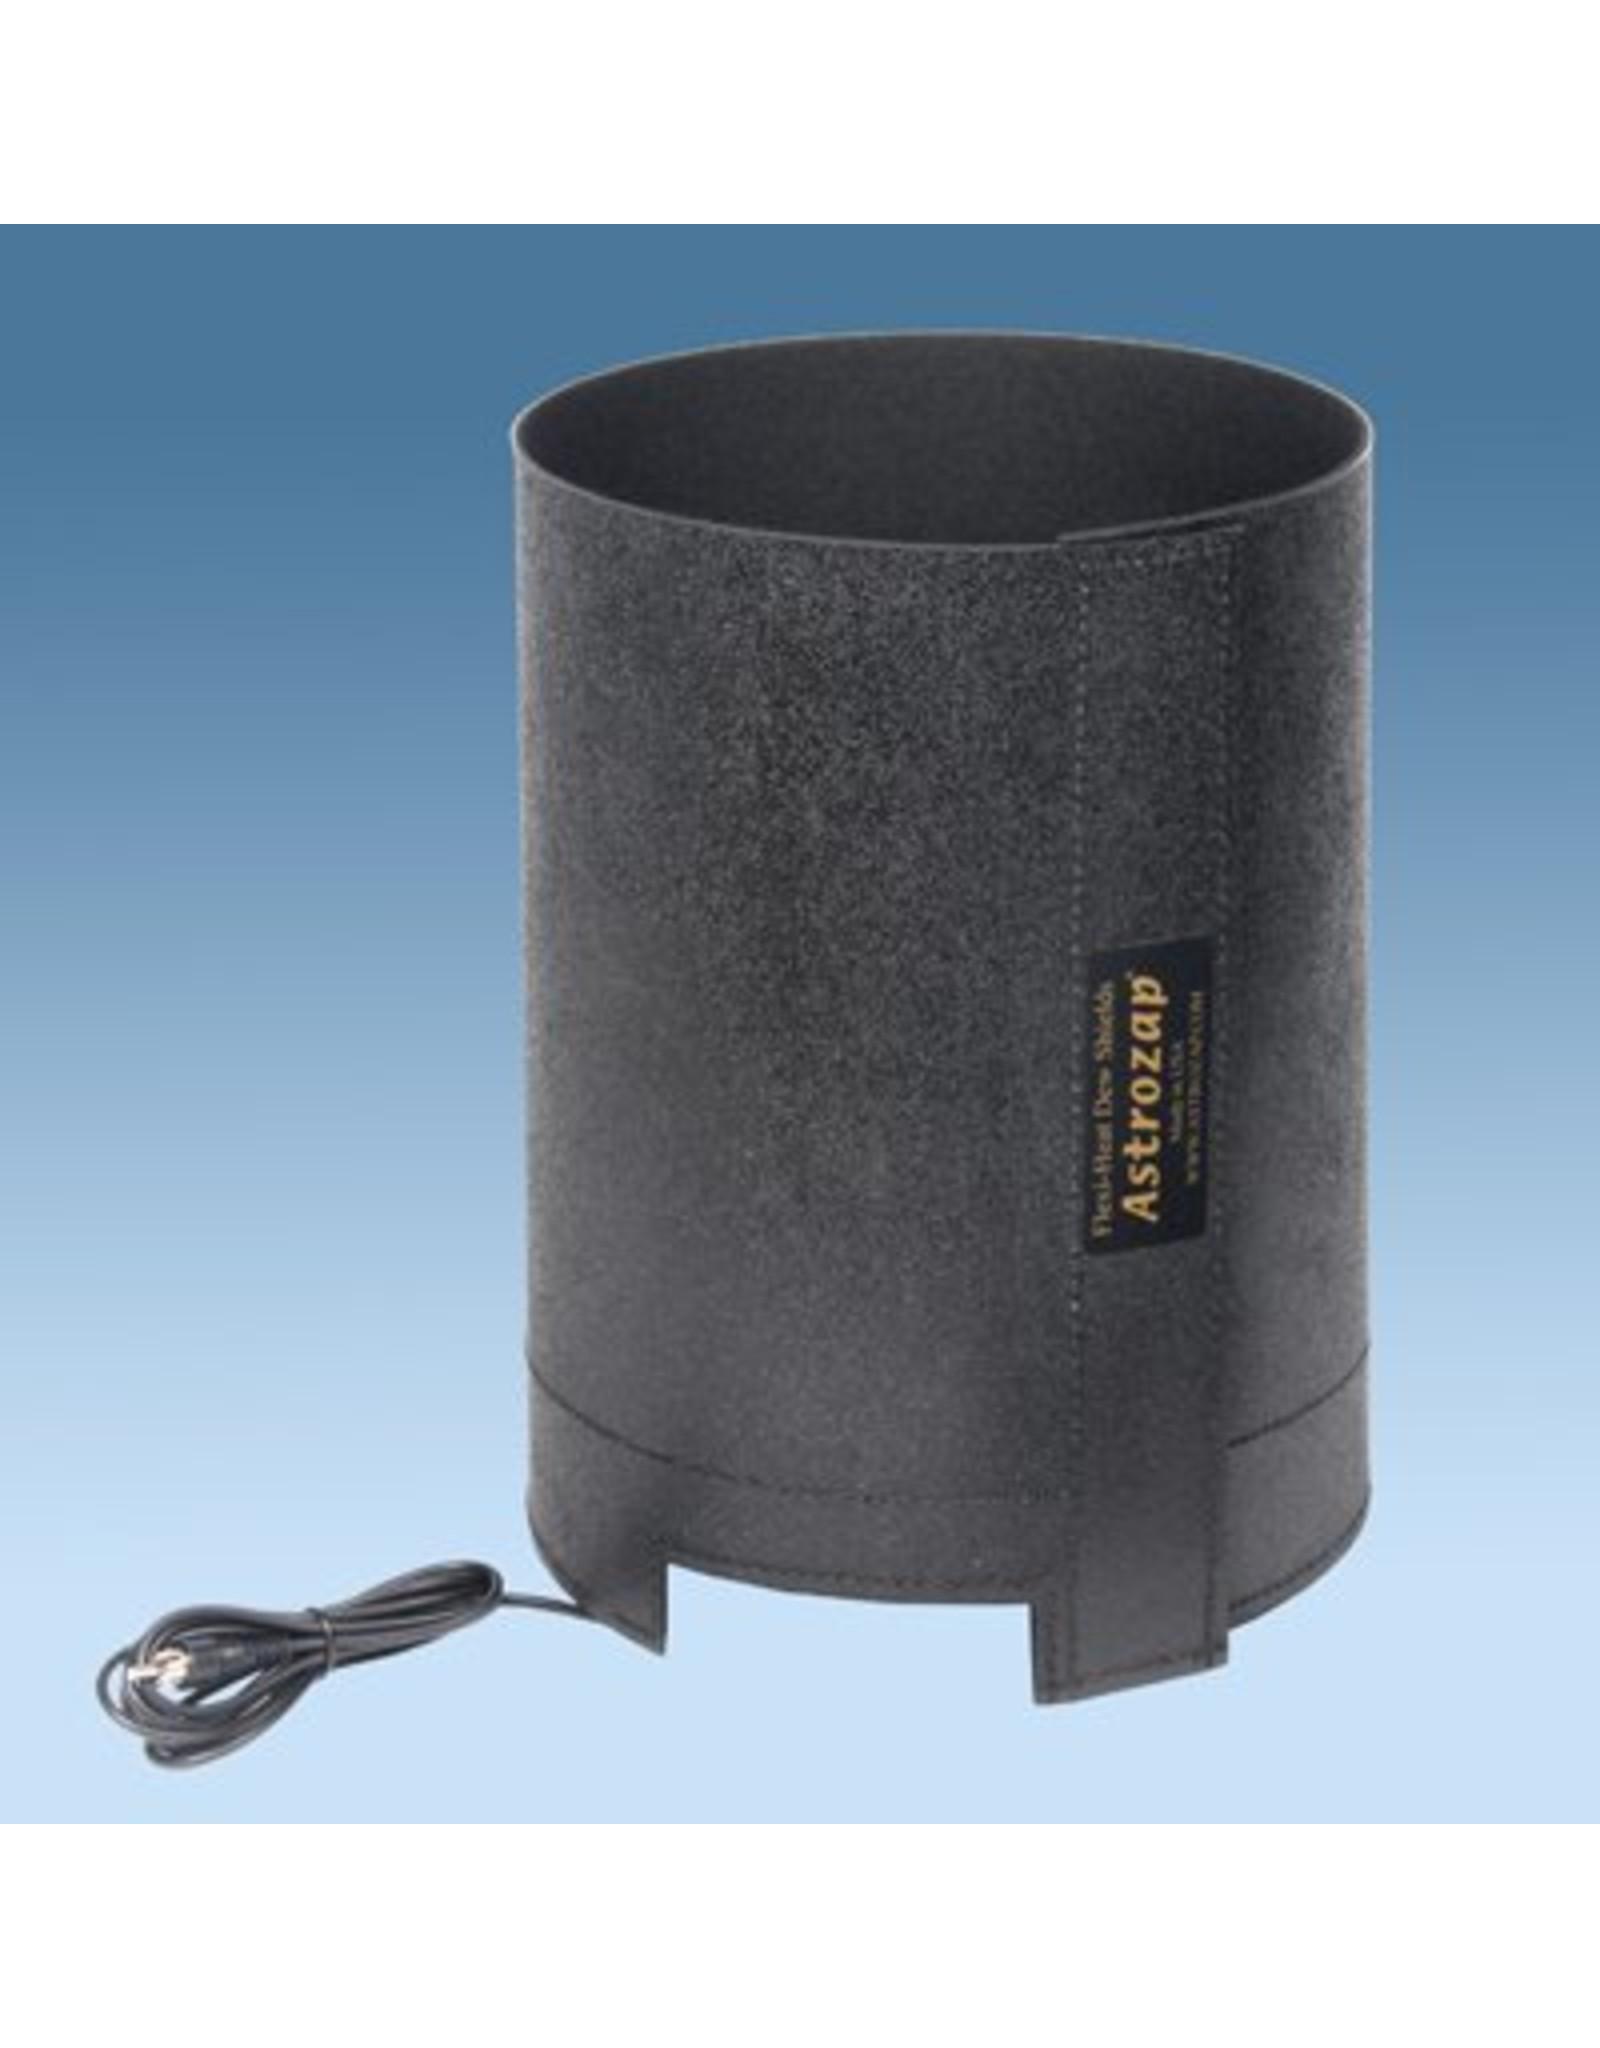 Astrozap AZ-812-N2 Flexi-Heat Celestron 11 Sct CGE & HD Dew Shield (One notch)